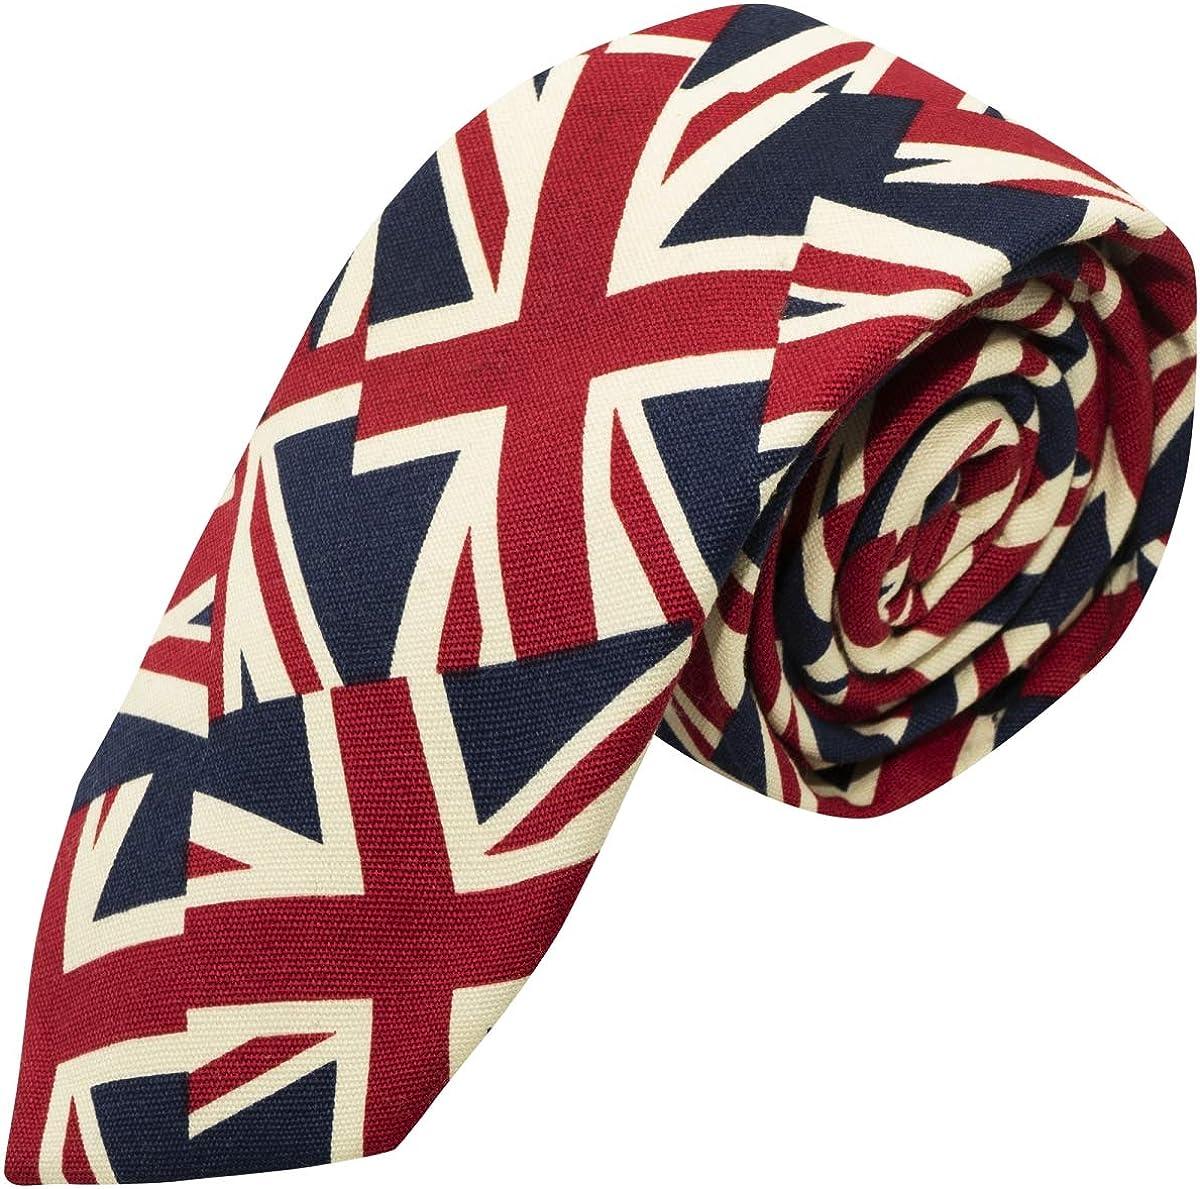 Union Jack Tie, Mens NeckTie, Great Britain, British, UK